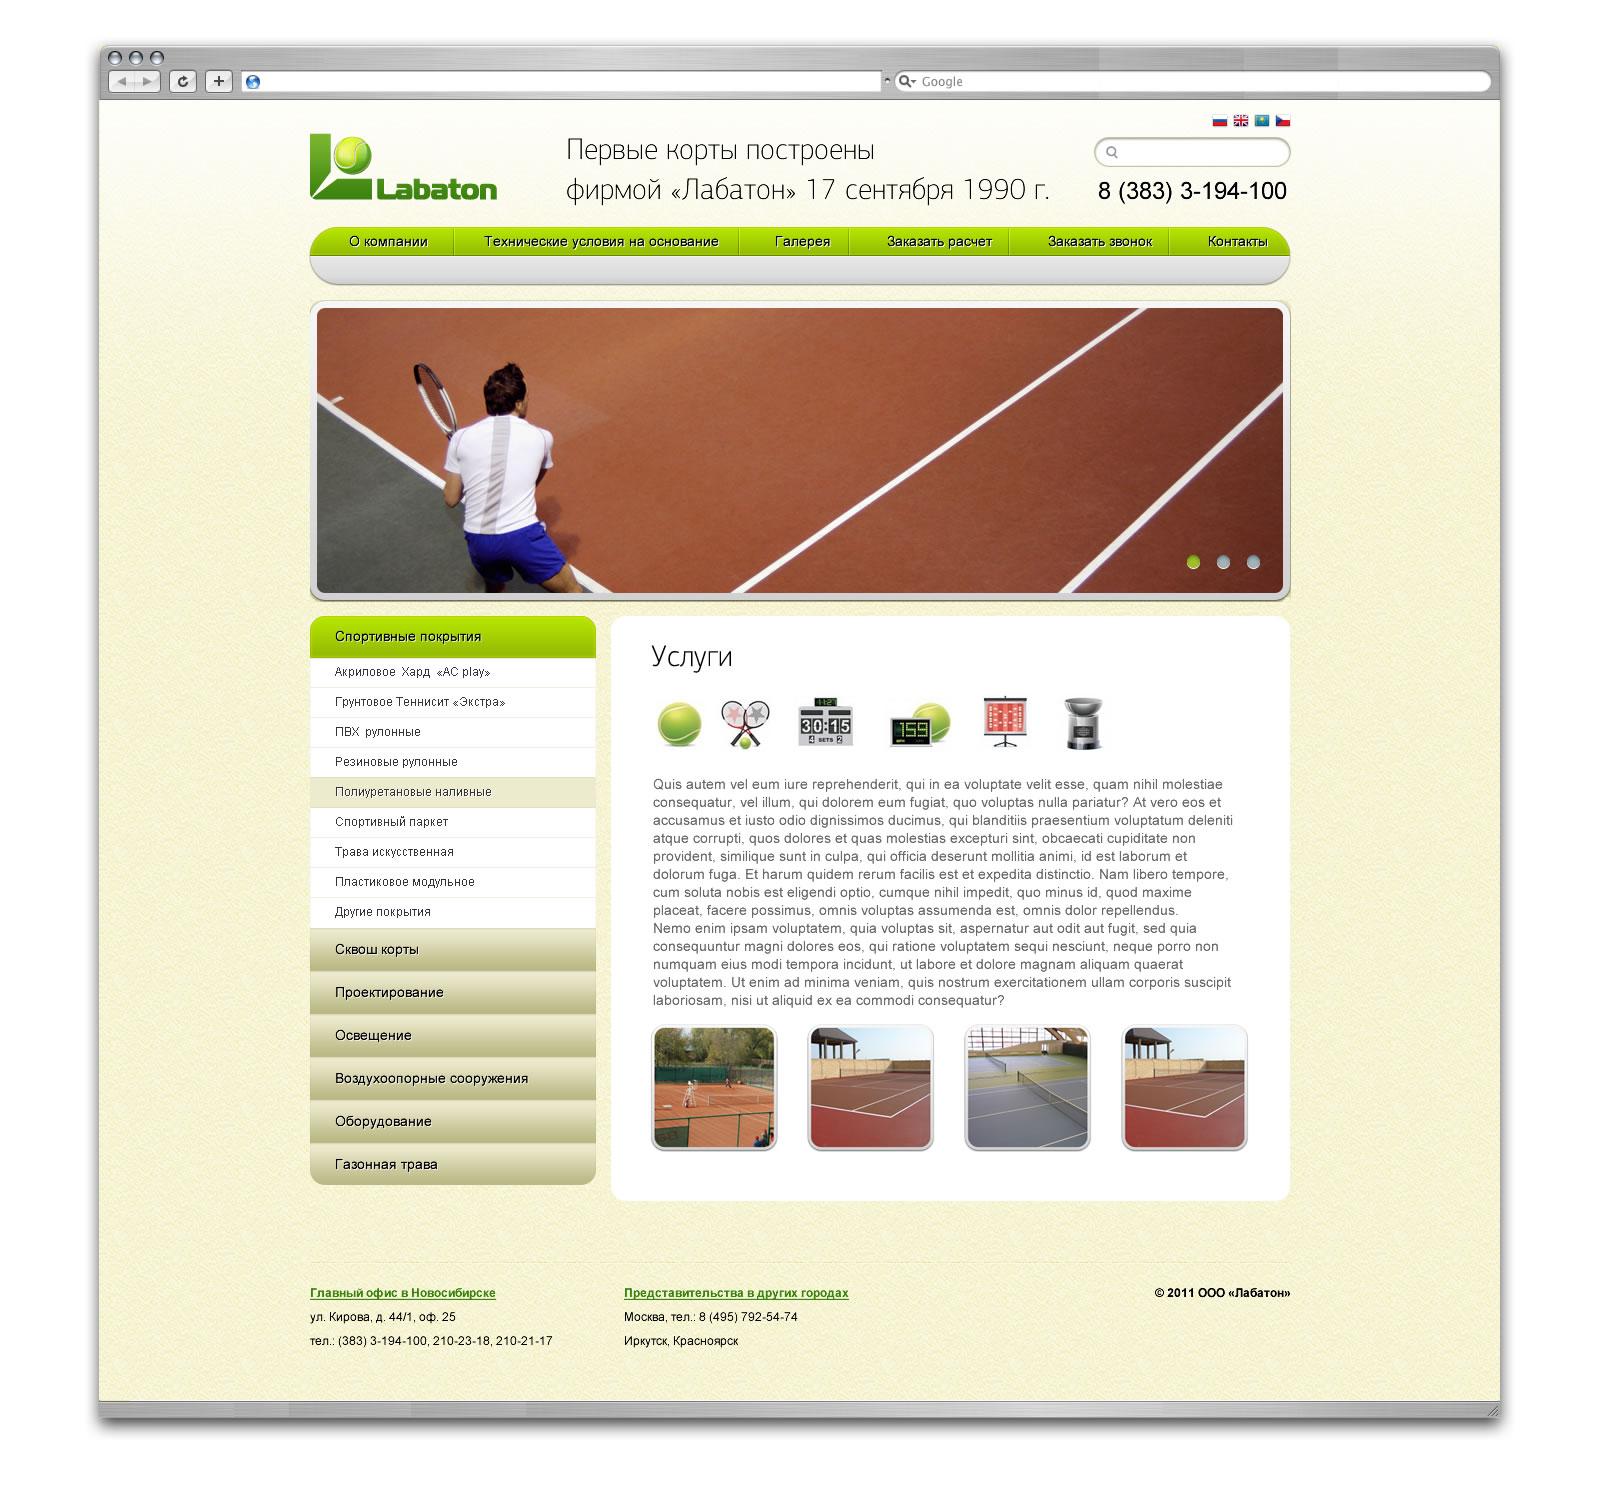 Лабатон теннис